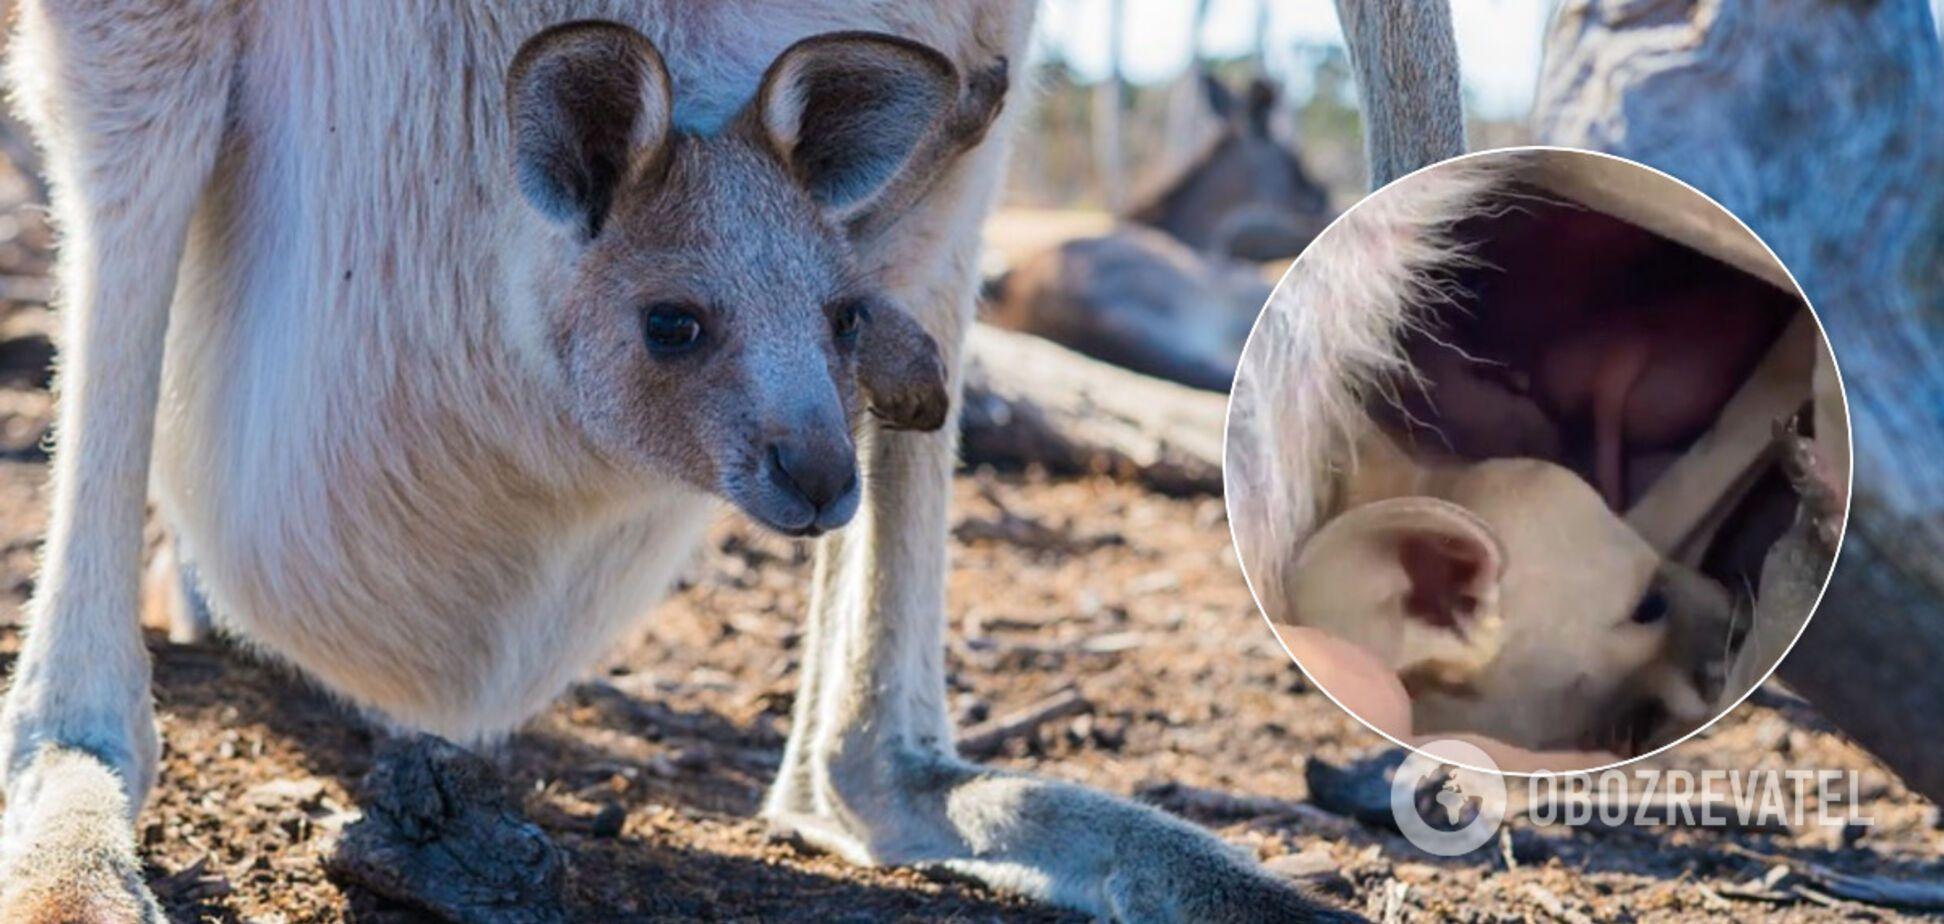 Відео сумки кенгуру зсередини викликало суперечки в мережі